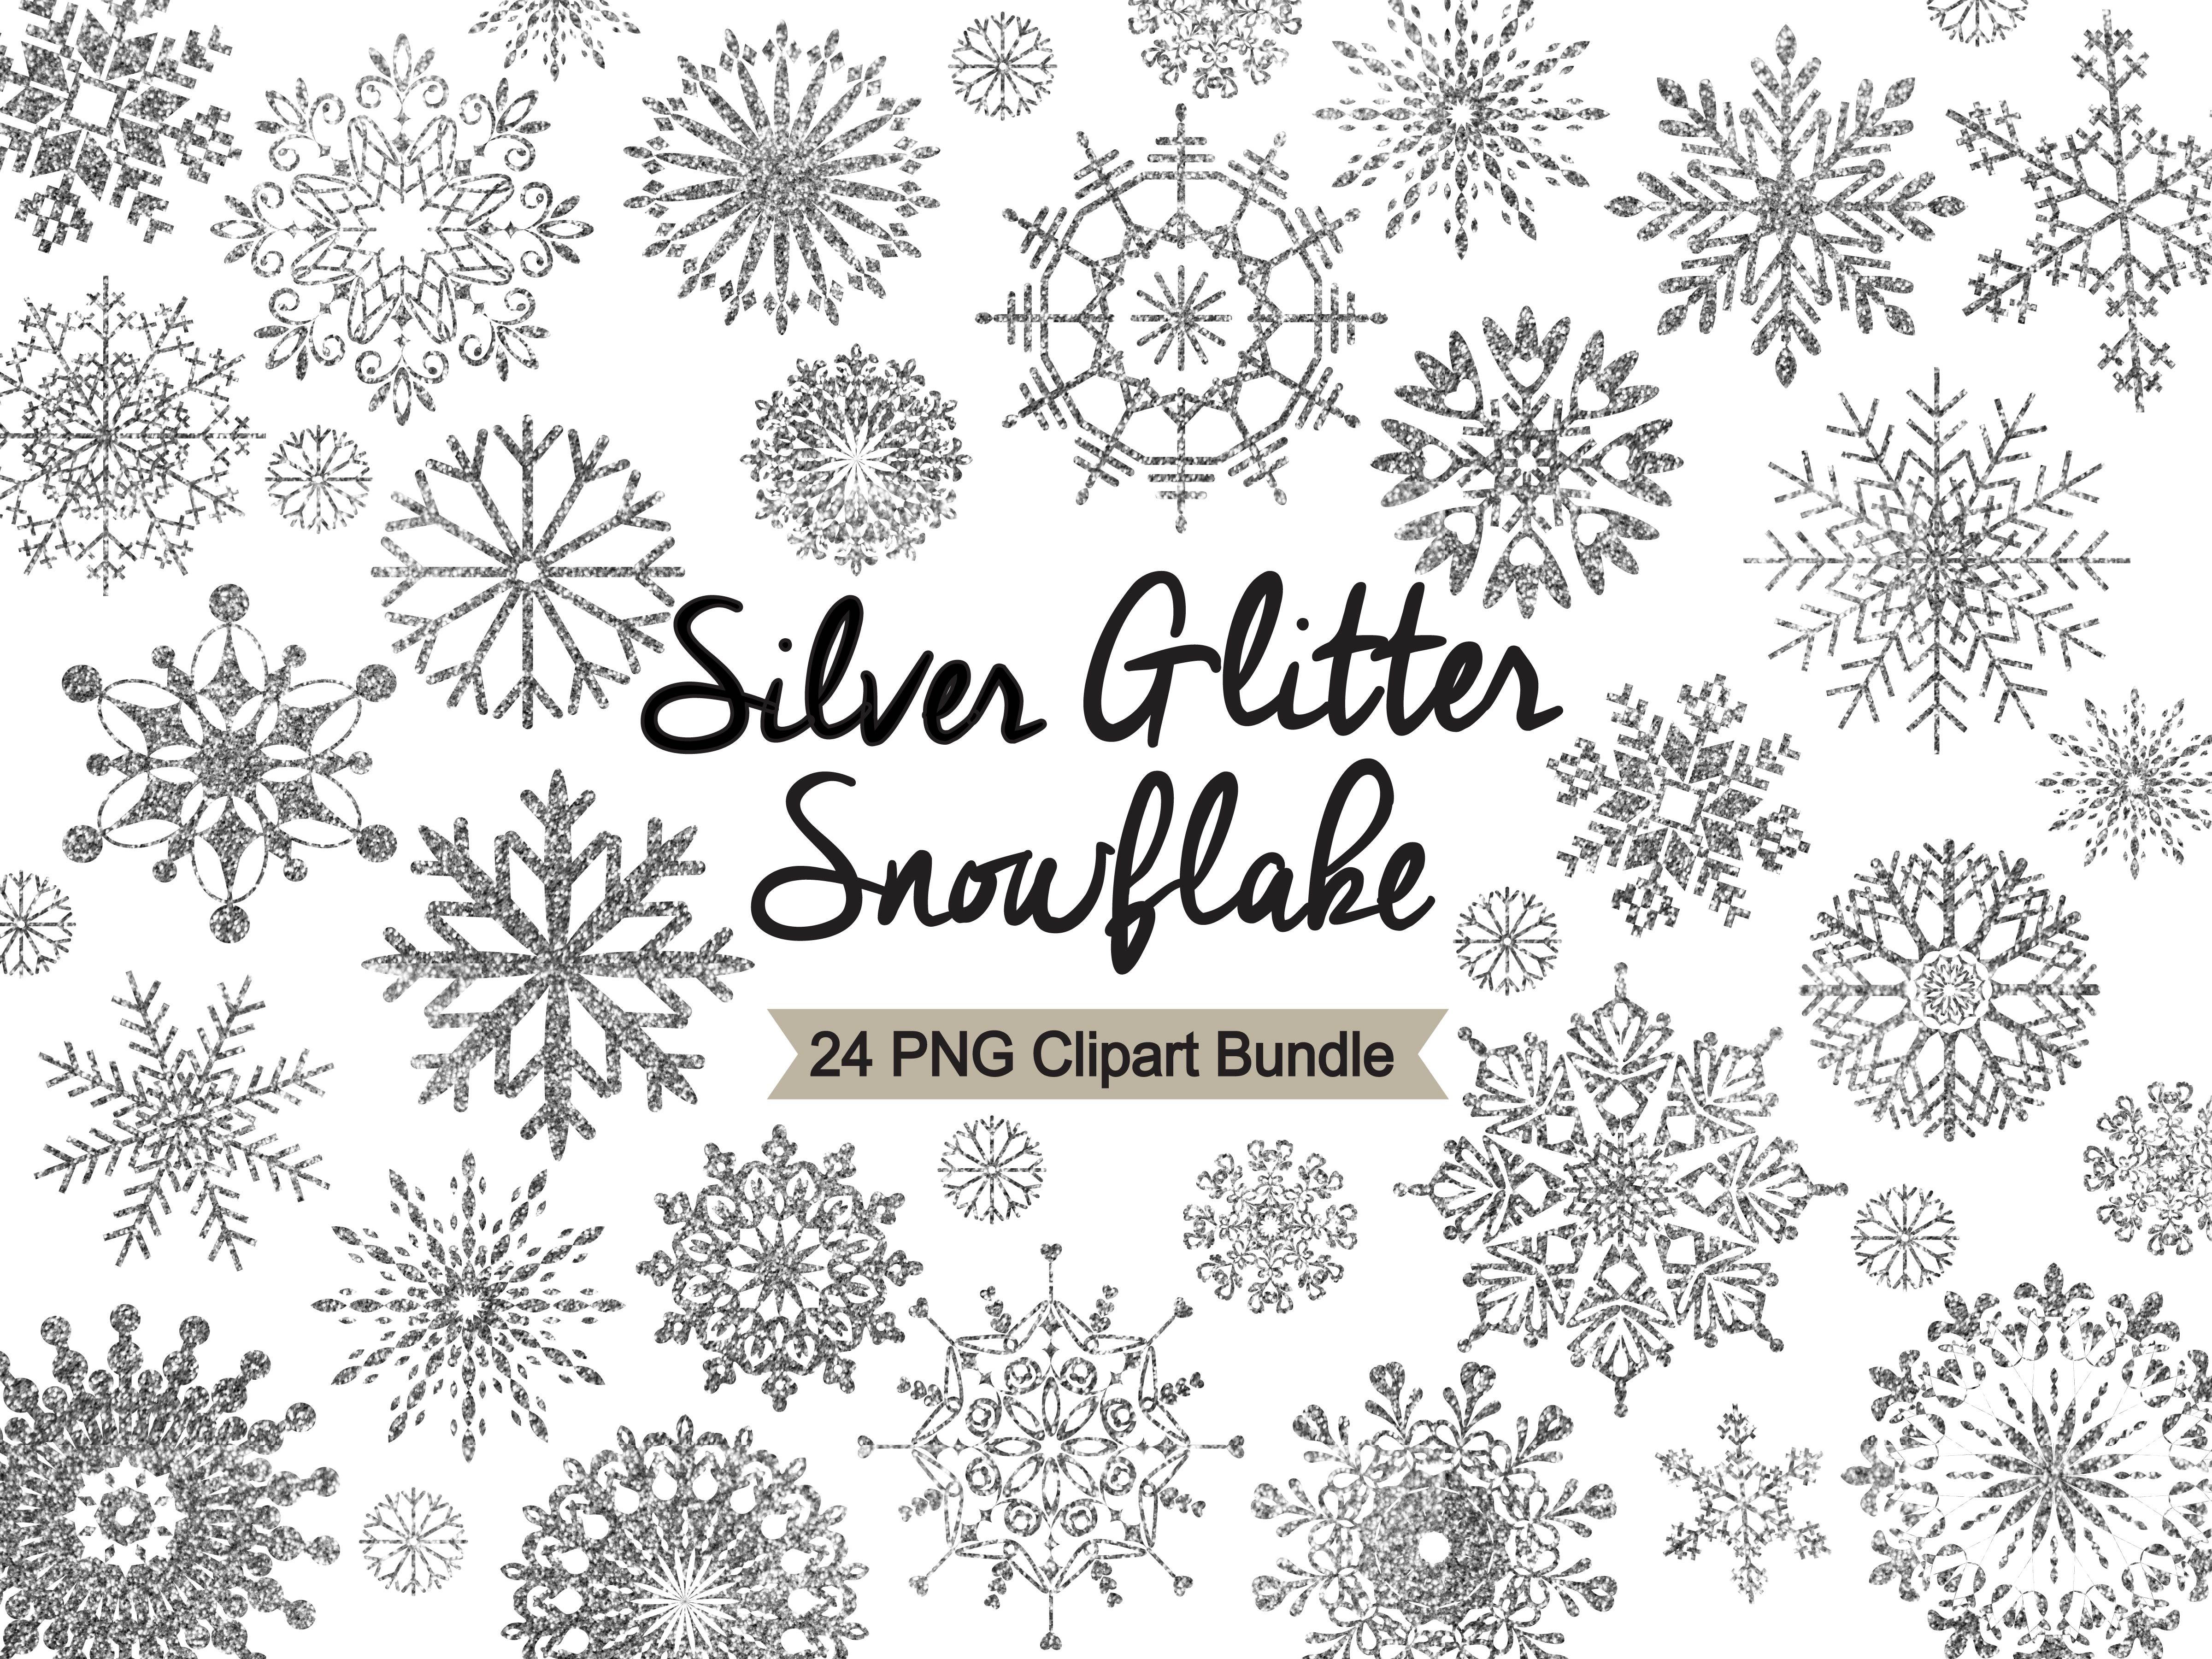 Silver Glitter Snowflake Clipart.